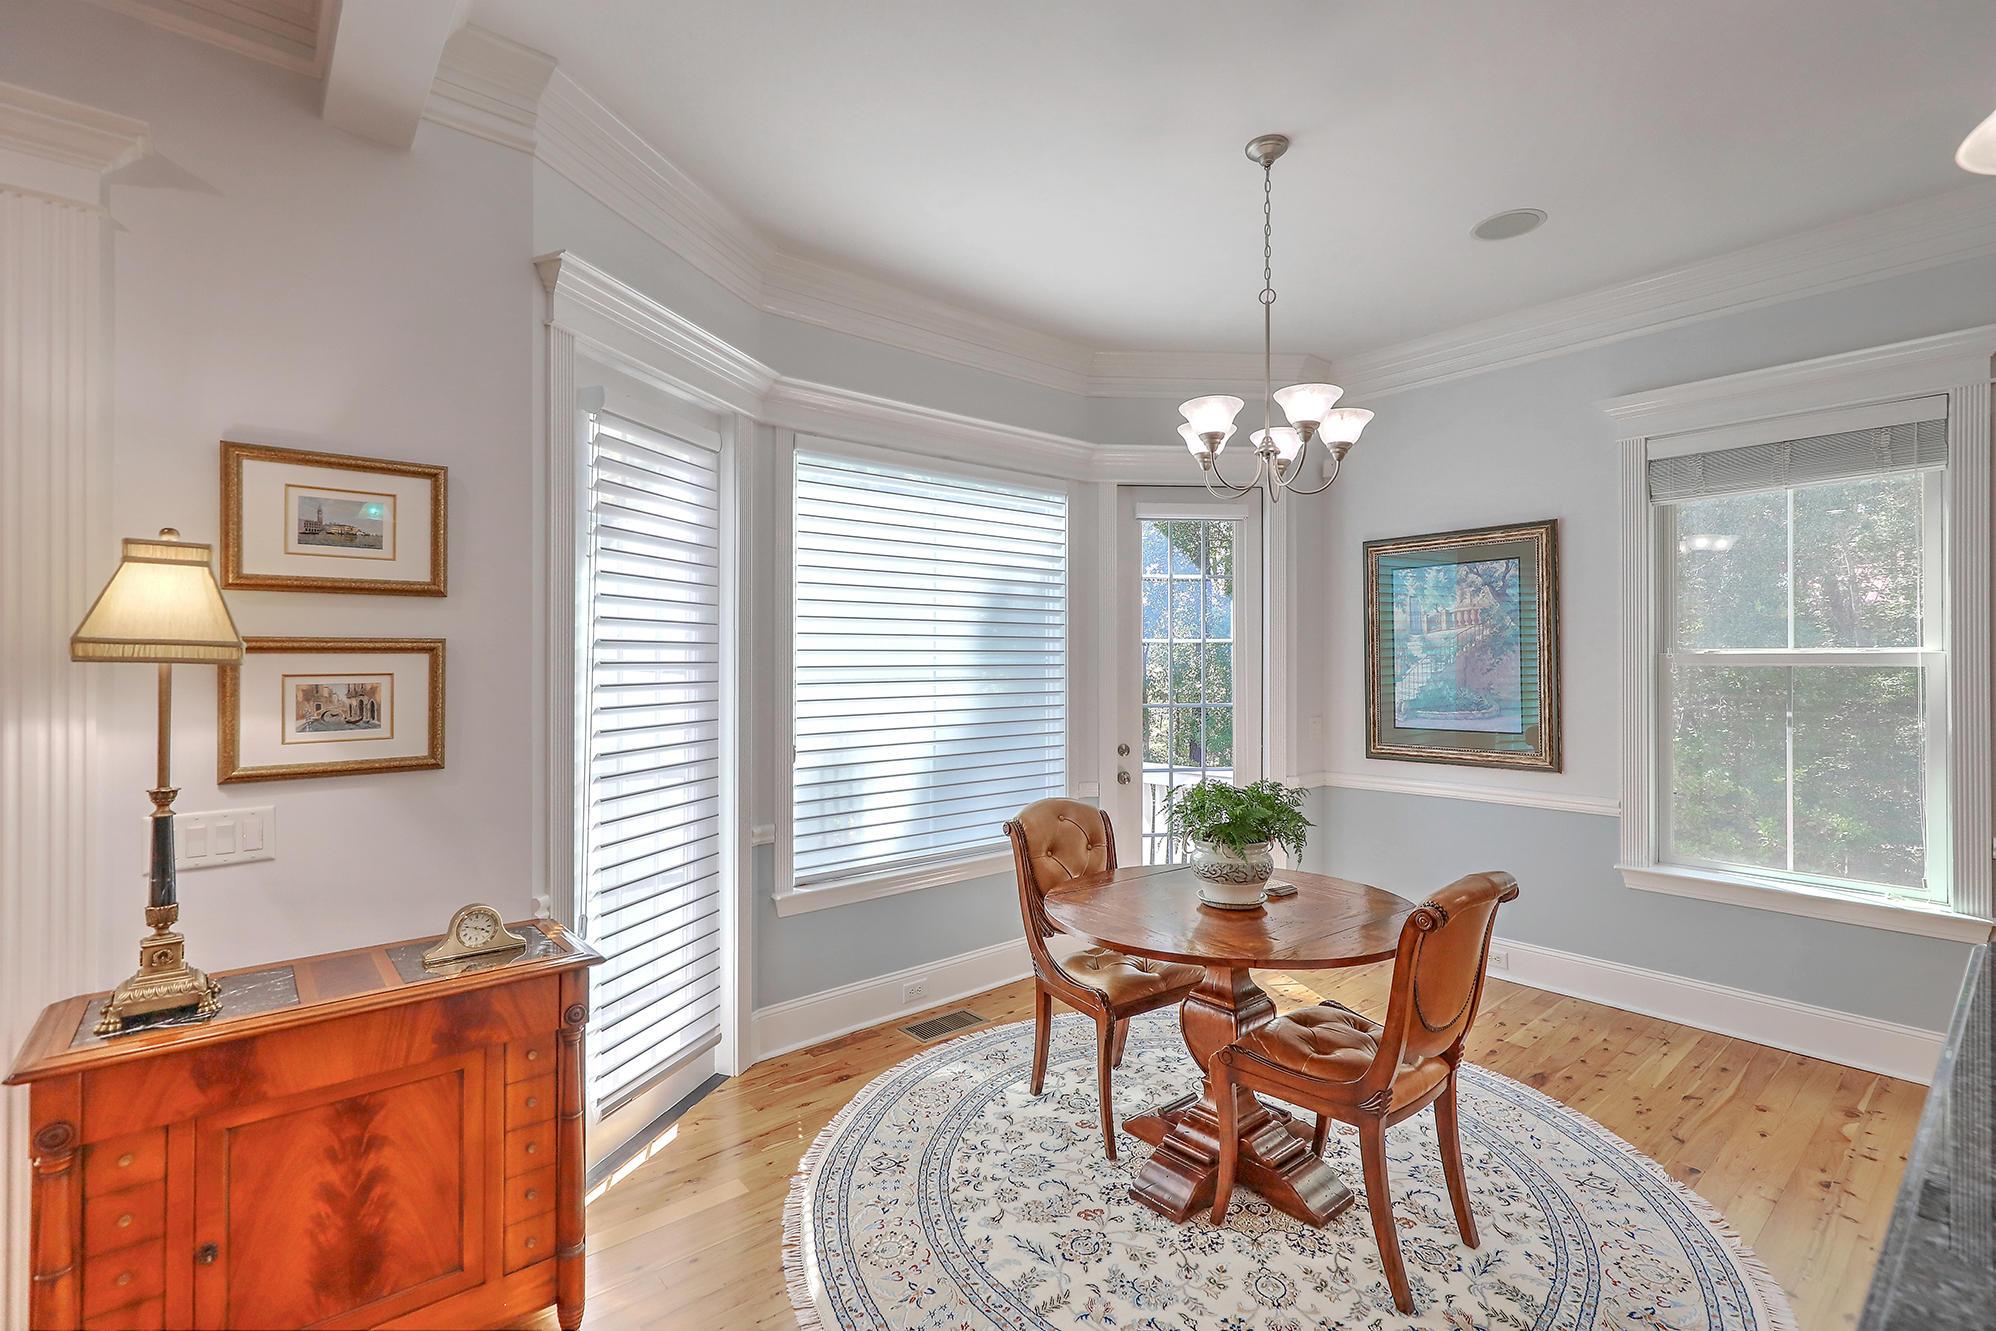 Park West Homes For Sale - 2108 Malcolm, Mount Pleasant, SC - 5